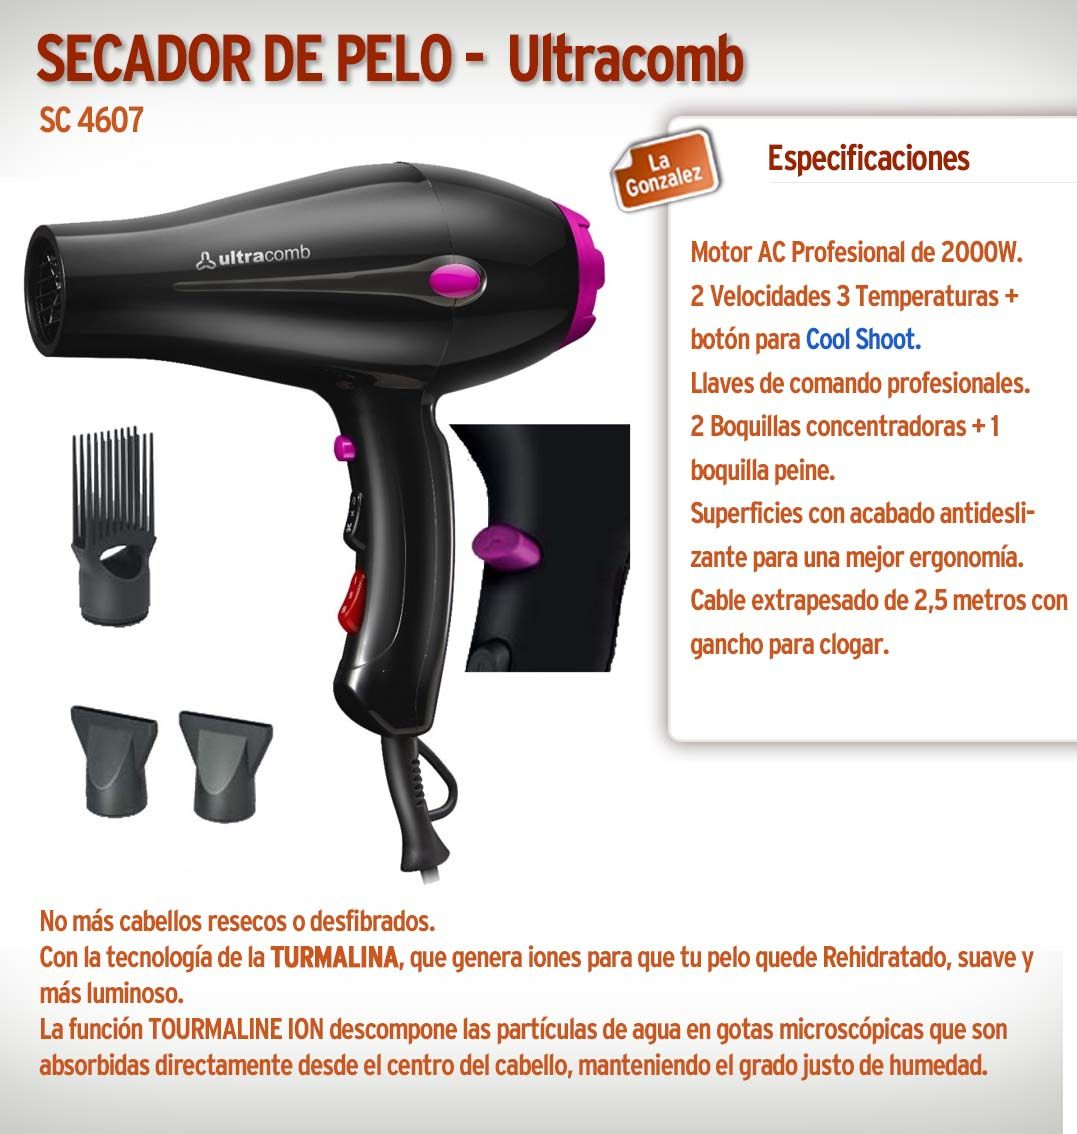 Secador De Pelo Ultracomb Sc4607 Ultra Prof Tourmaline  699ec0a00e5b